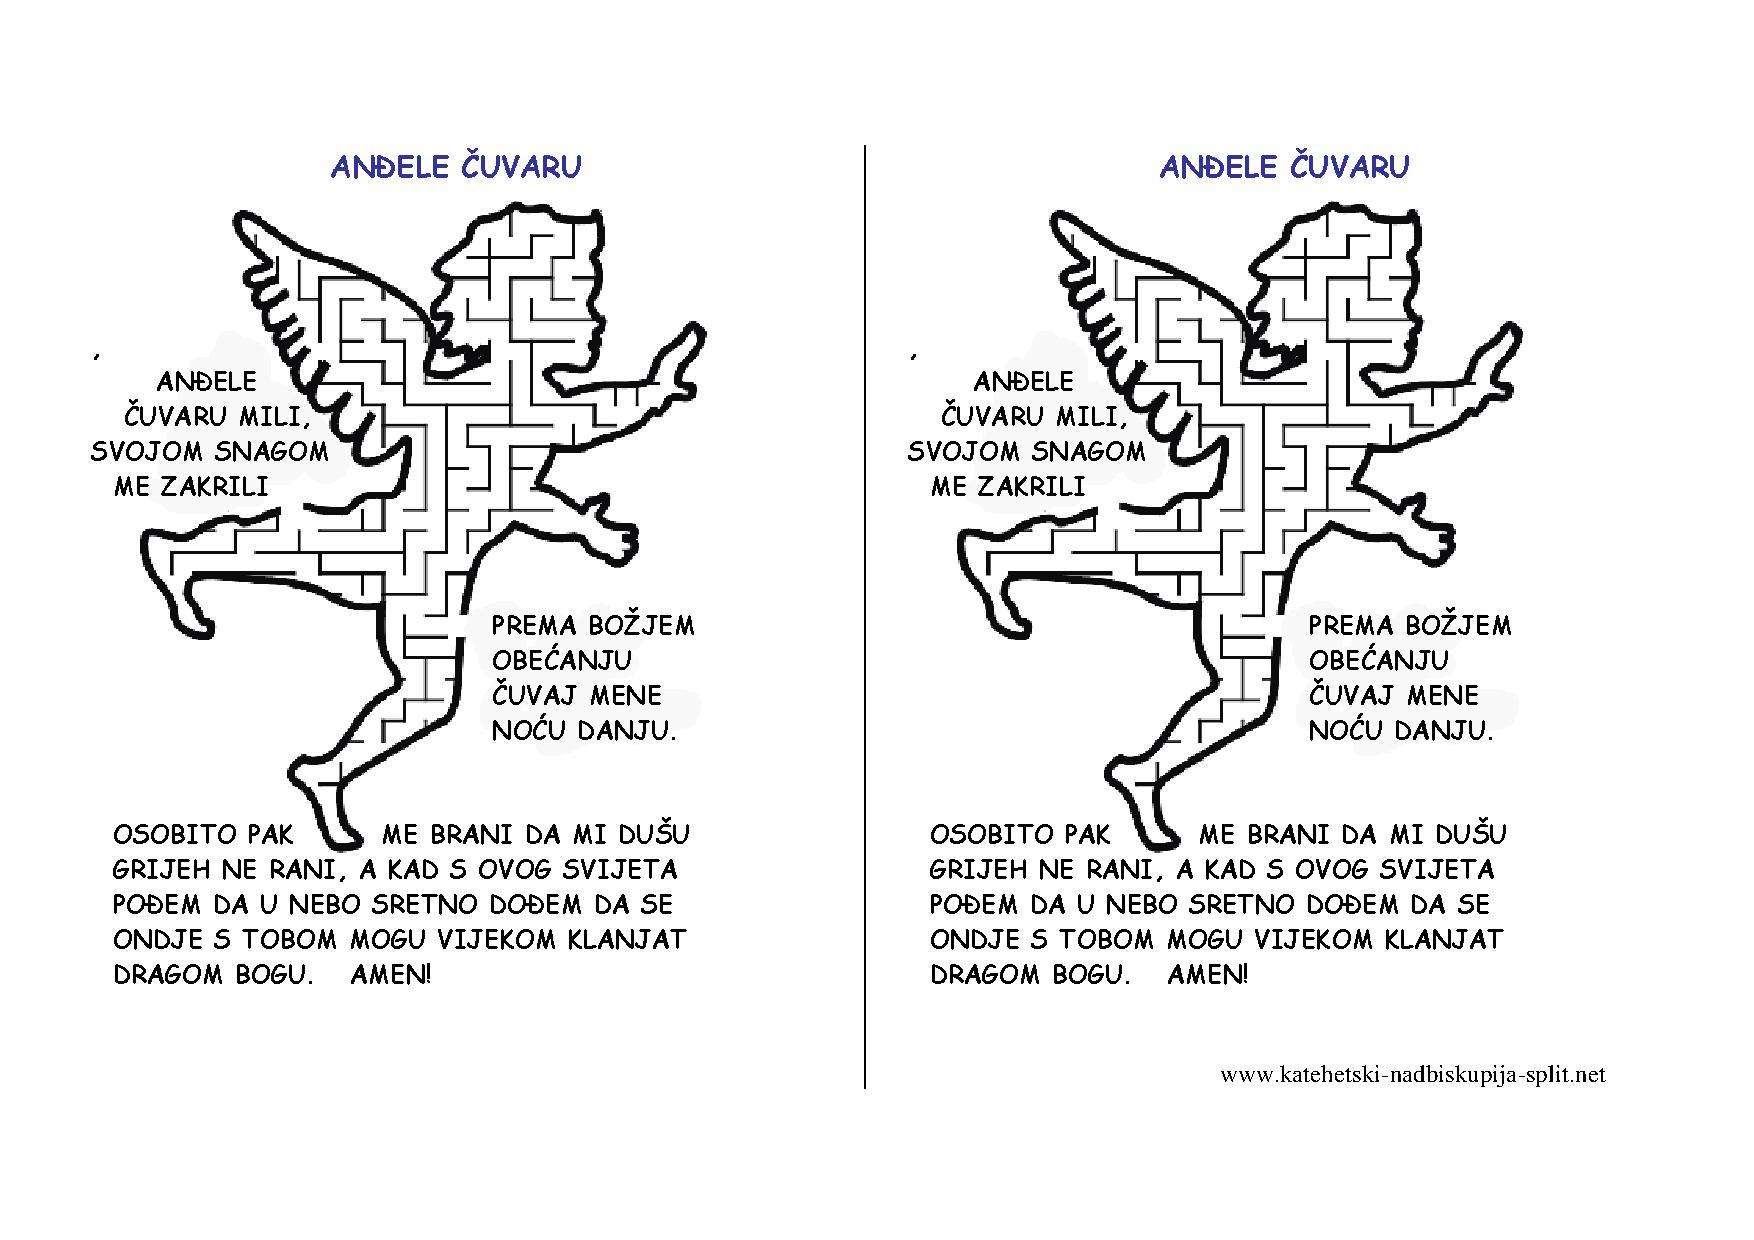 anđeli čuvari uk prvih deset besplatnih stranica za pronalaženje kod nas